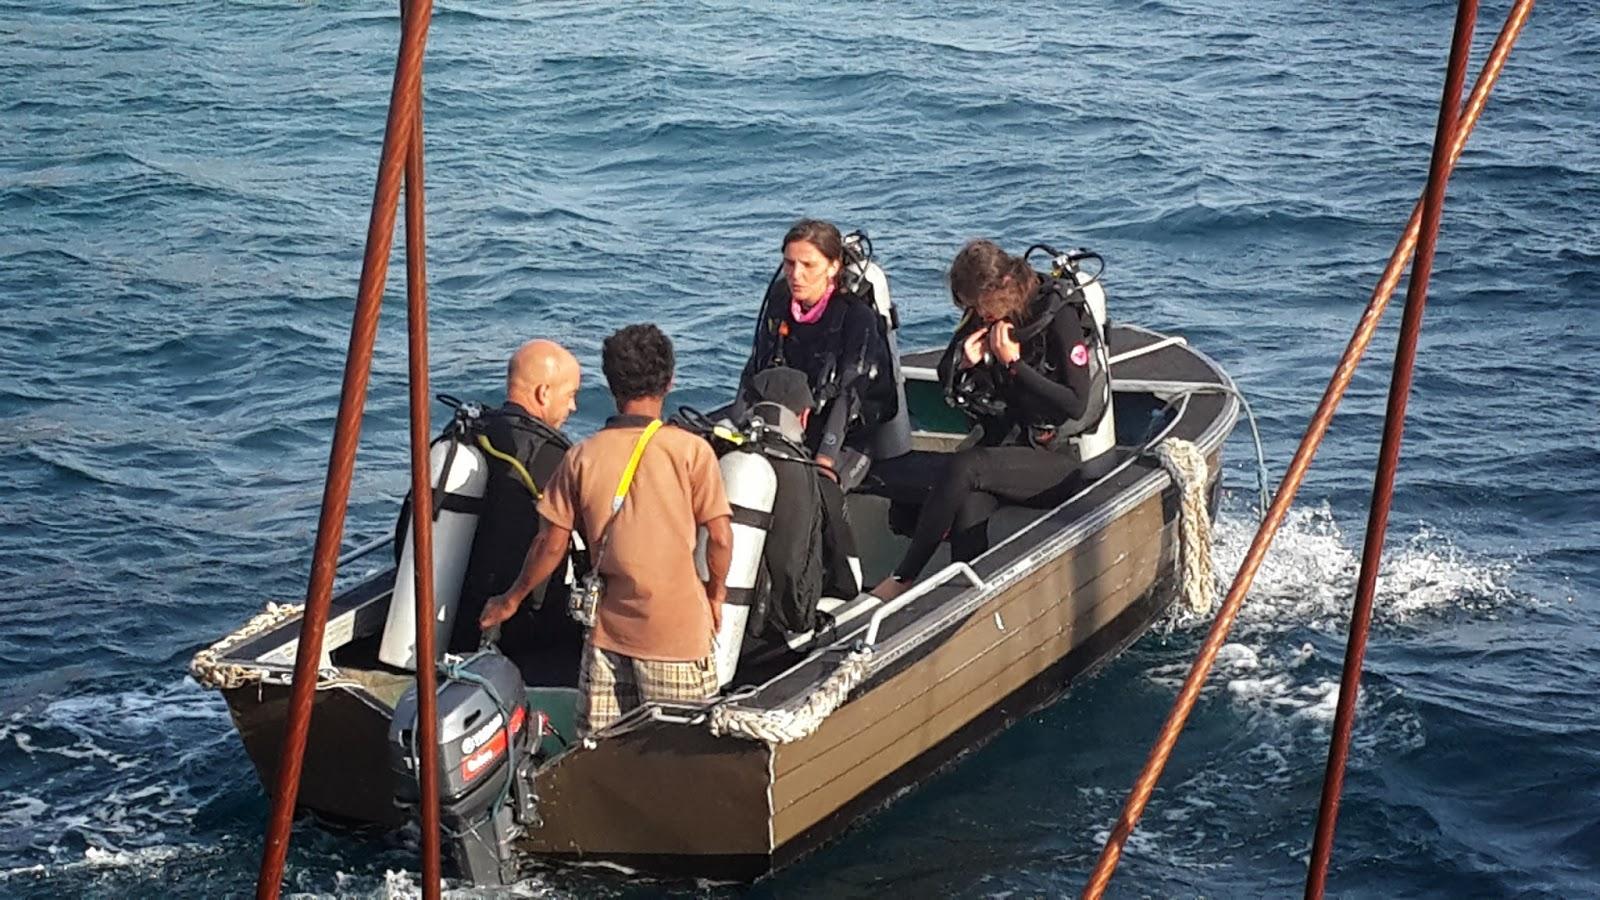 Croisière Plongée à bord d' Antares (voilier traditionnel) en Indonésie - www.piratesbaycroisiere.fr